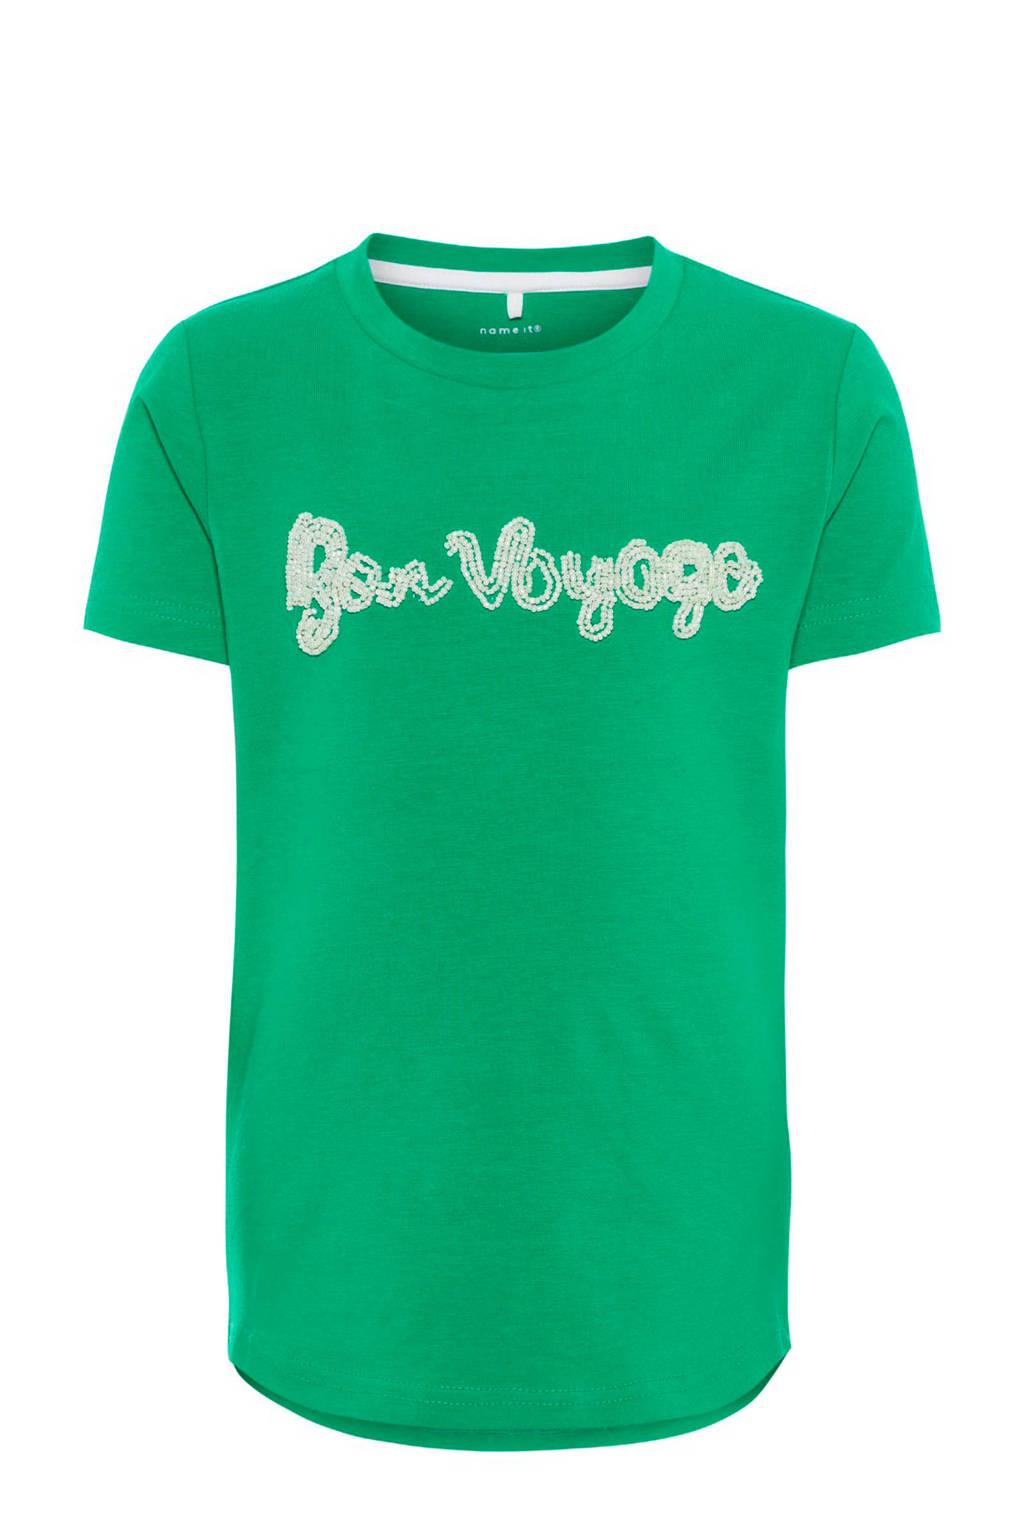 name it T-shirt Frey met kraaltjes groen, Groen